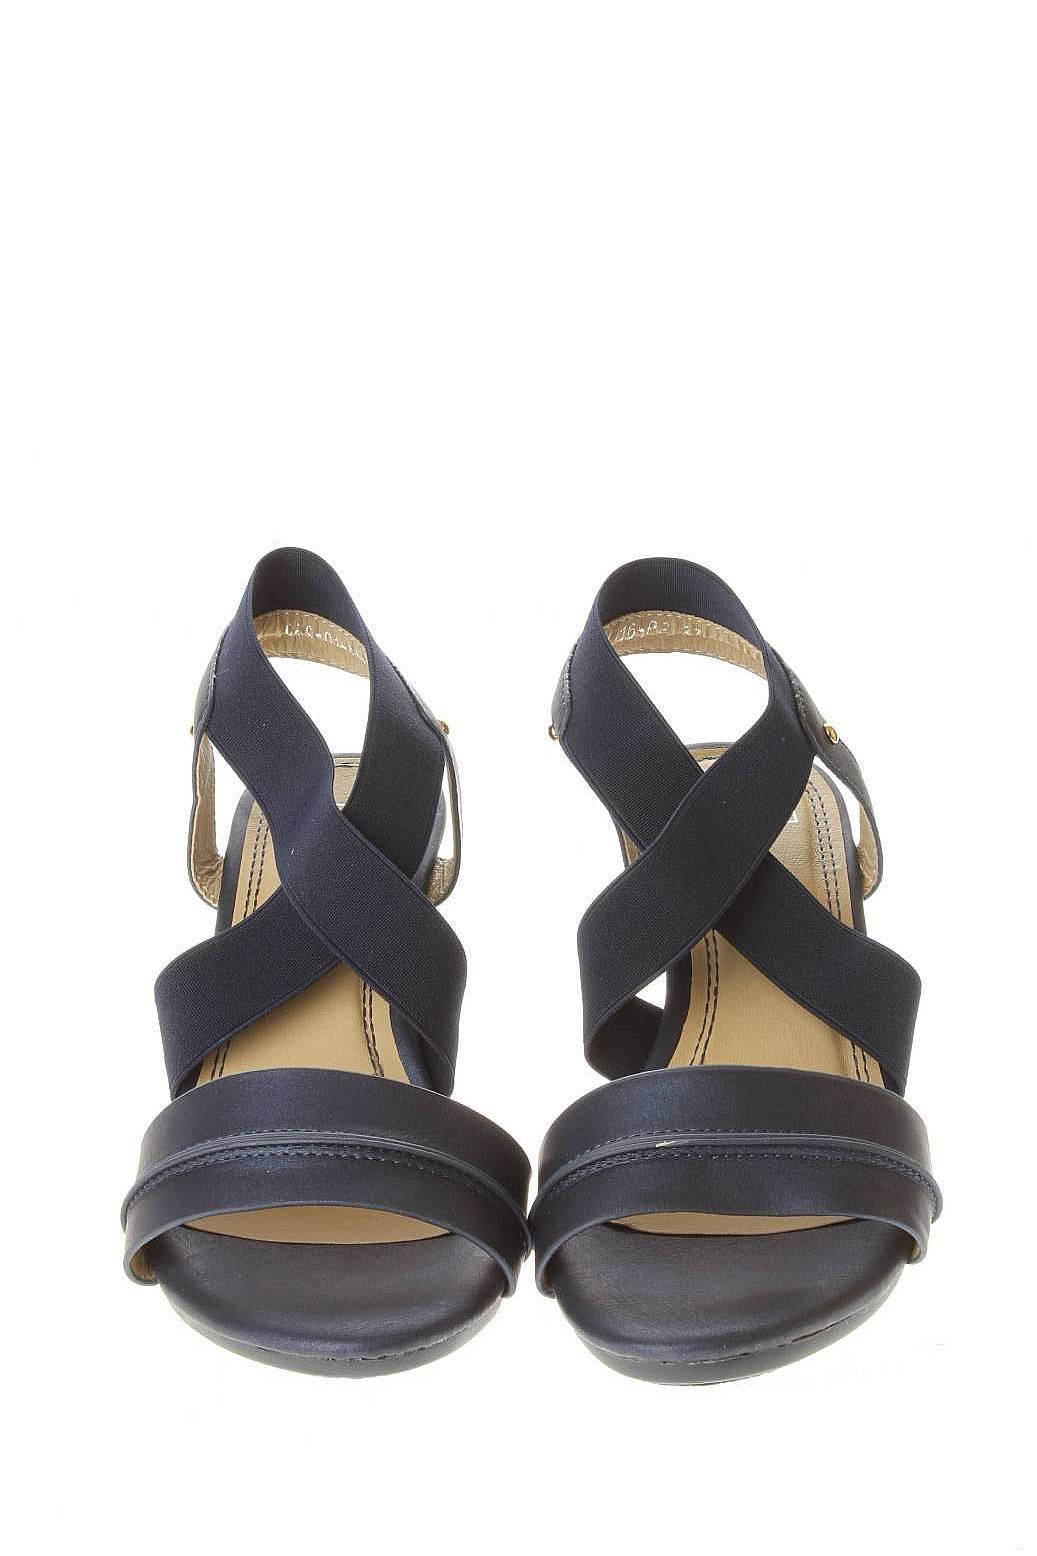 Мужская Обувь Детская Обувь Женская Обувь Туфли Открытые: Calipso Обувь